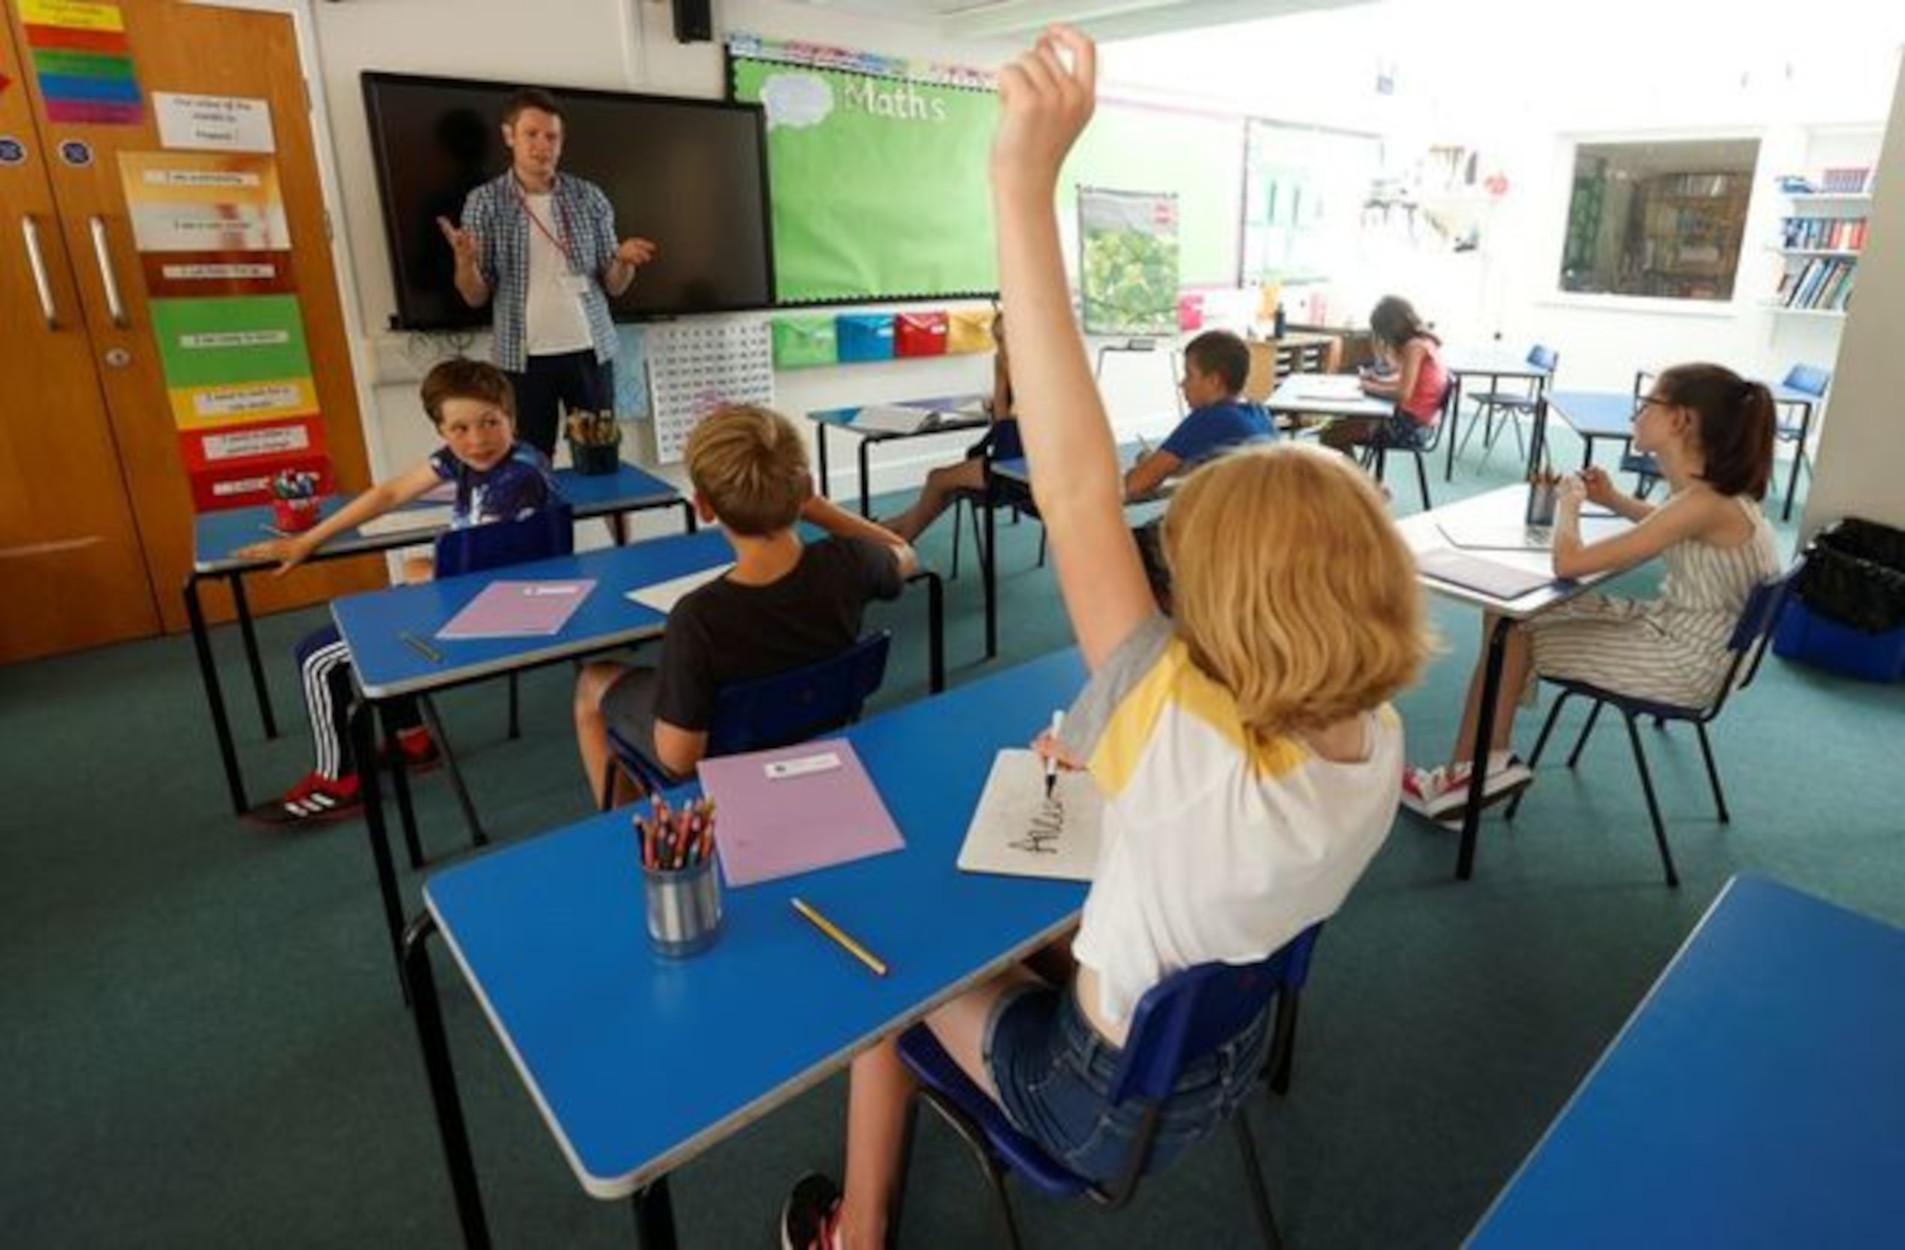 Βρετανία: Ενίσχυση 700 εκατ. λιρών προς τους μαθητές